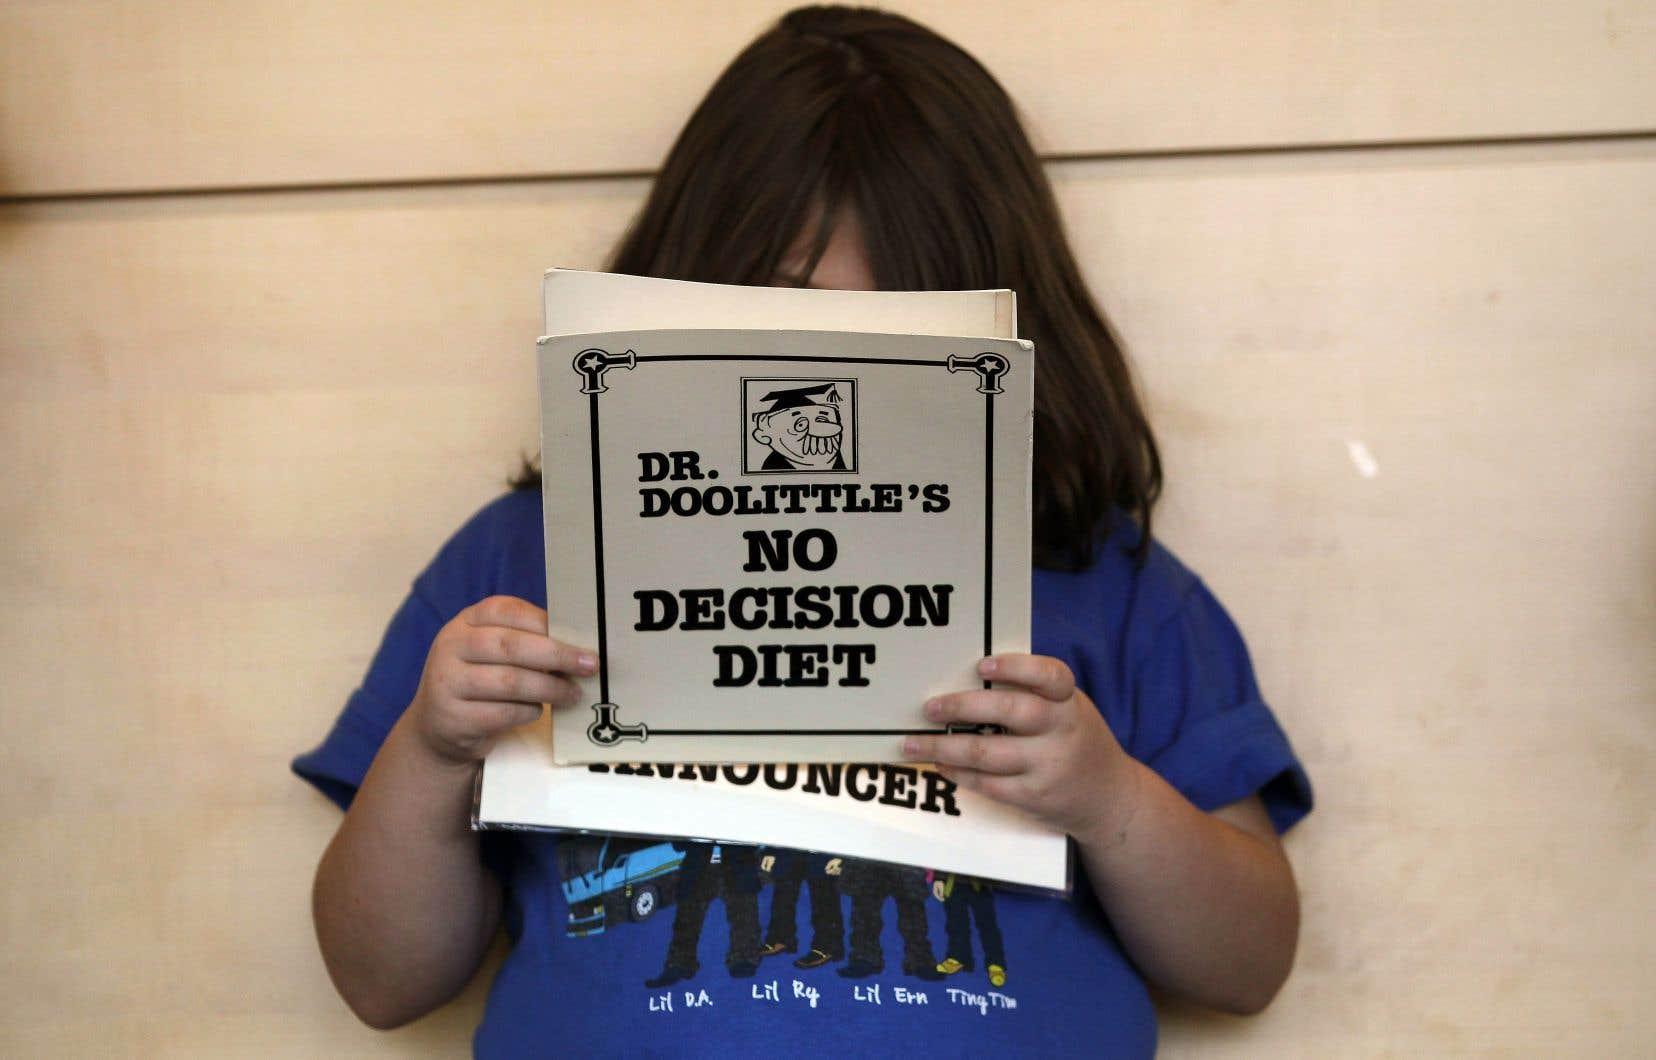 Une jeune fille lit ses répliques d'une saynète présentée dans le cadre du programme Shapedown, en novembre 2010 à Aurora, au Colorado, destiné aux enfants et adolescents obèses.